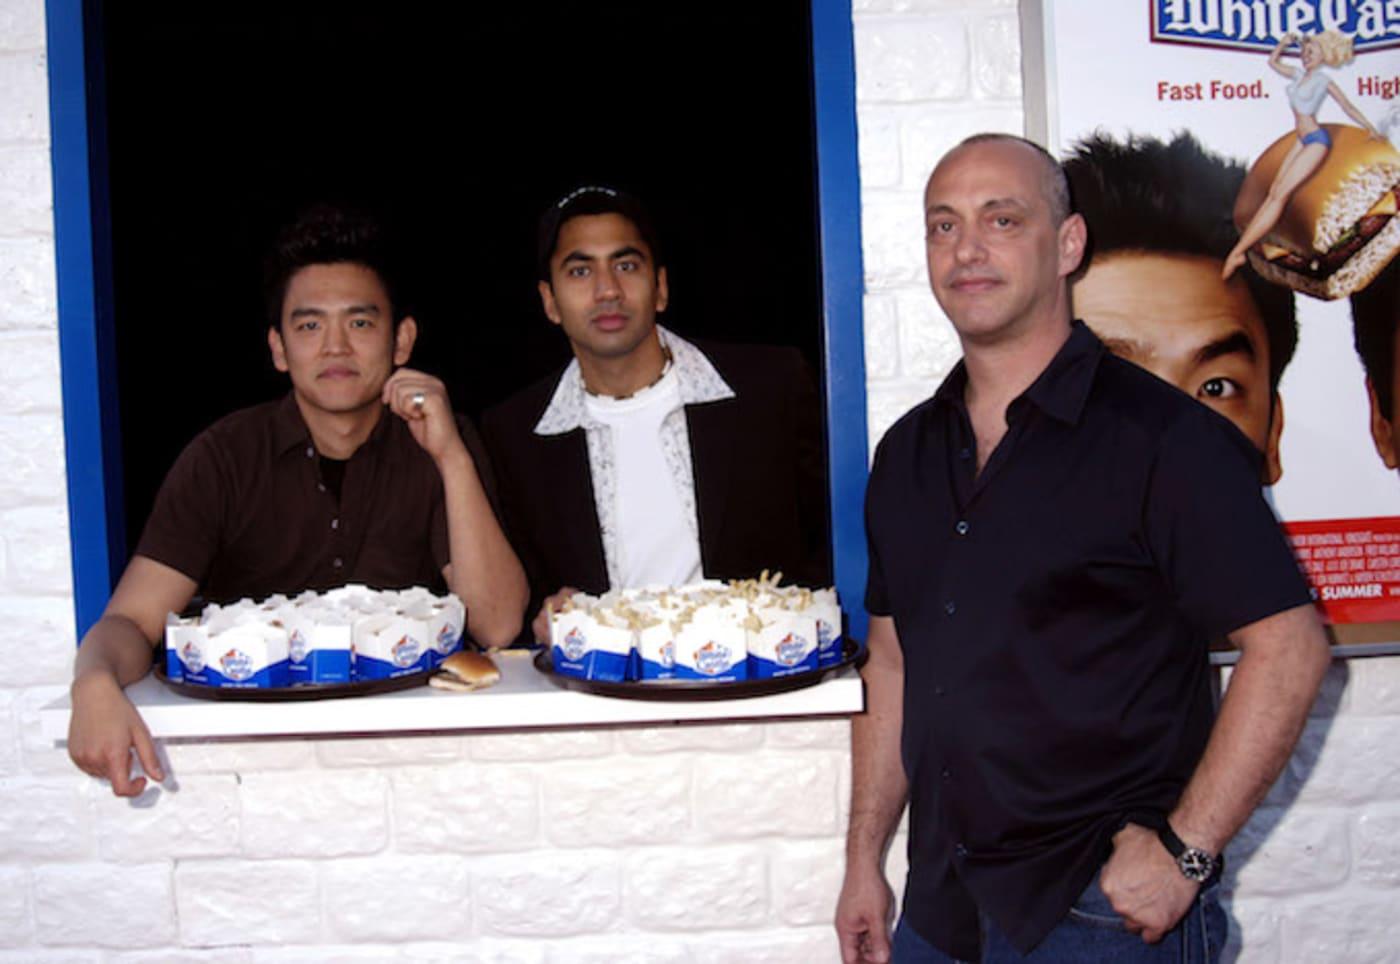 Danny Leiner, John Cho, Kal Penn on set